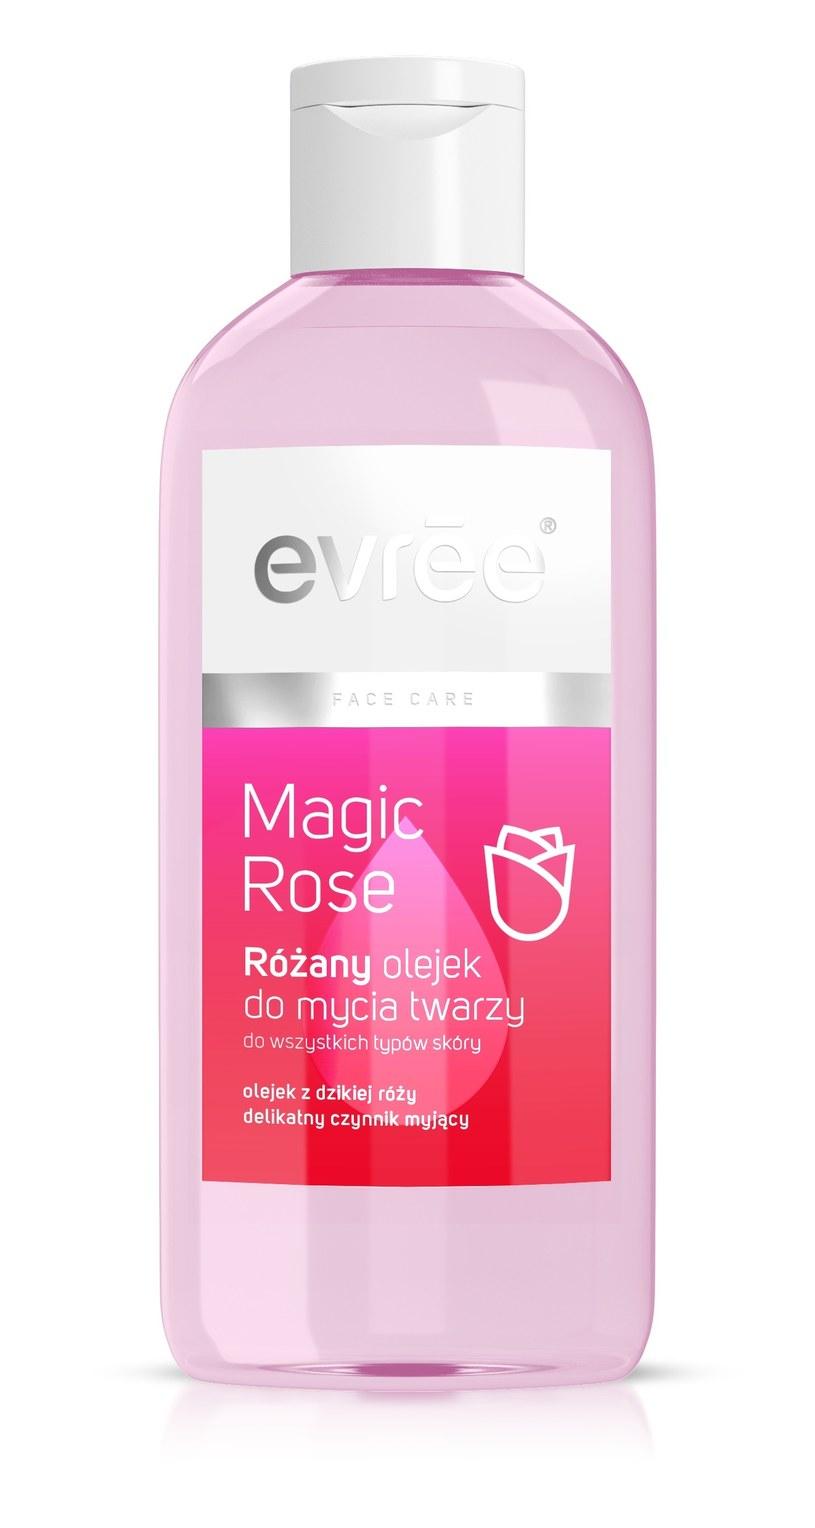 Różany olejek do mycia twarzy /materiały prasowe